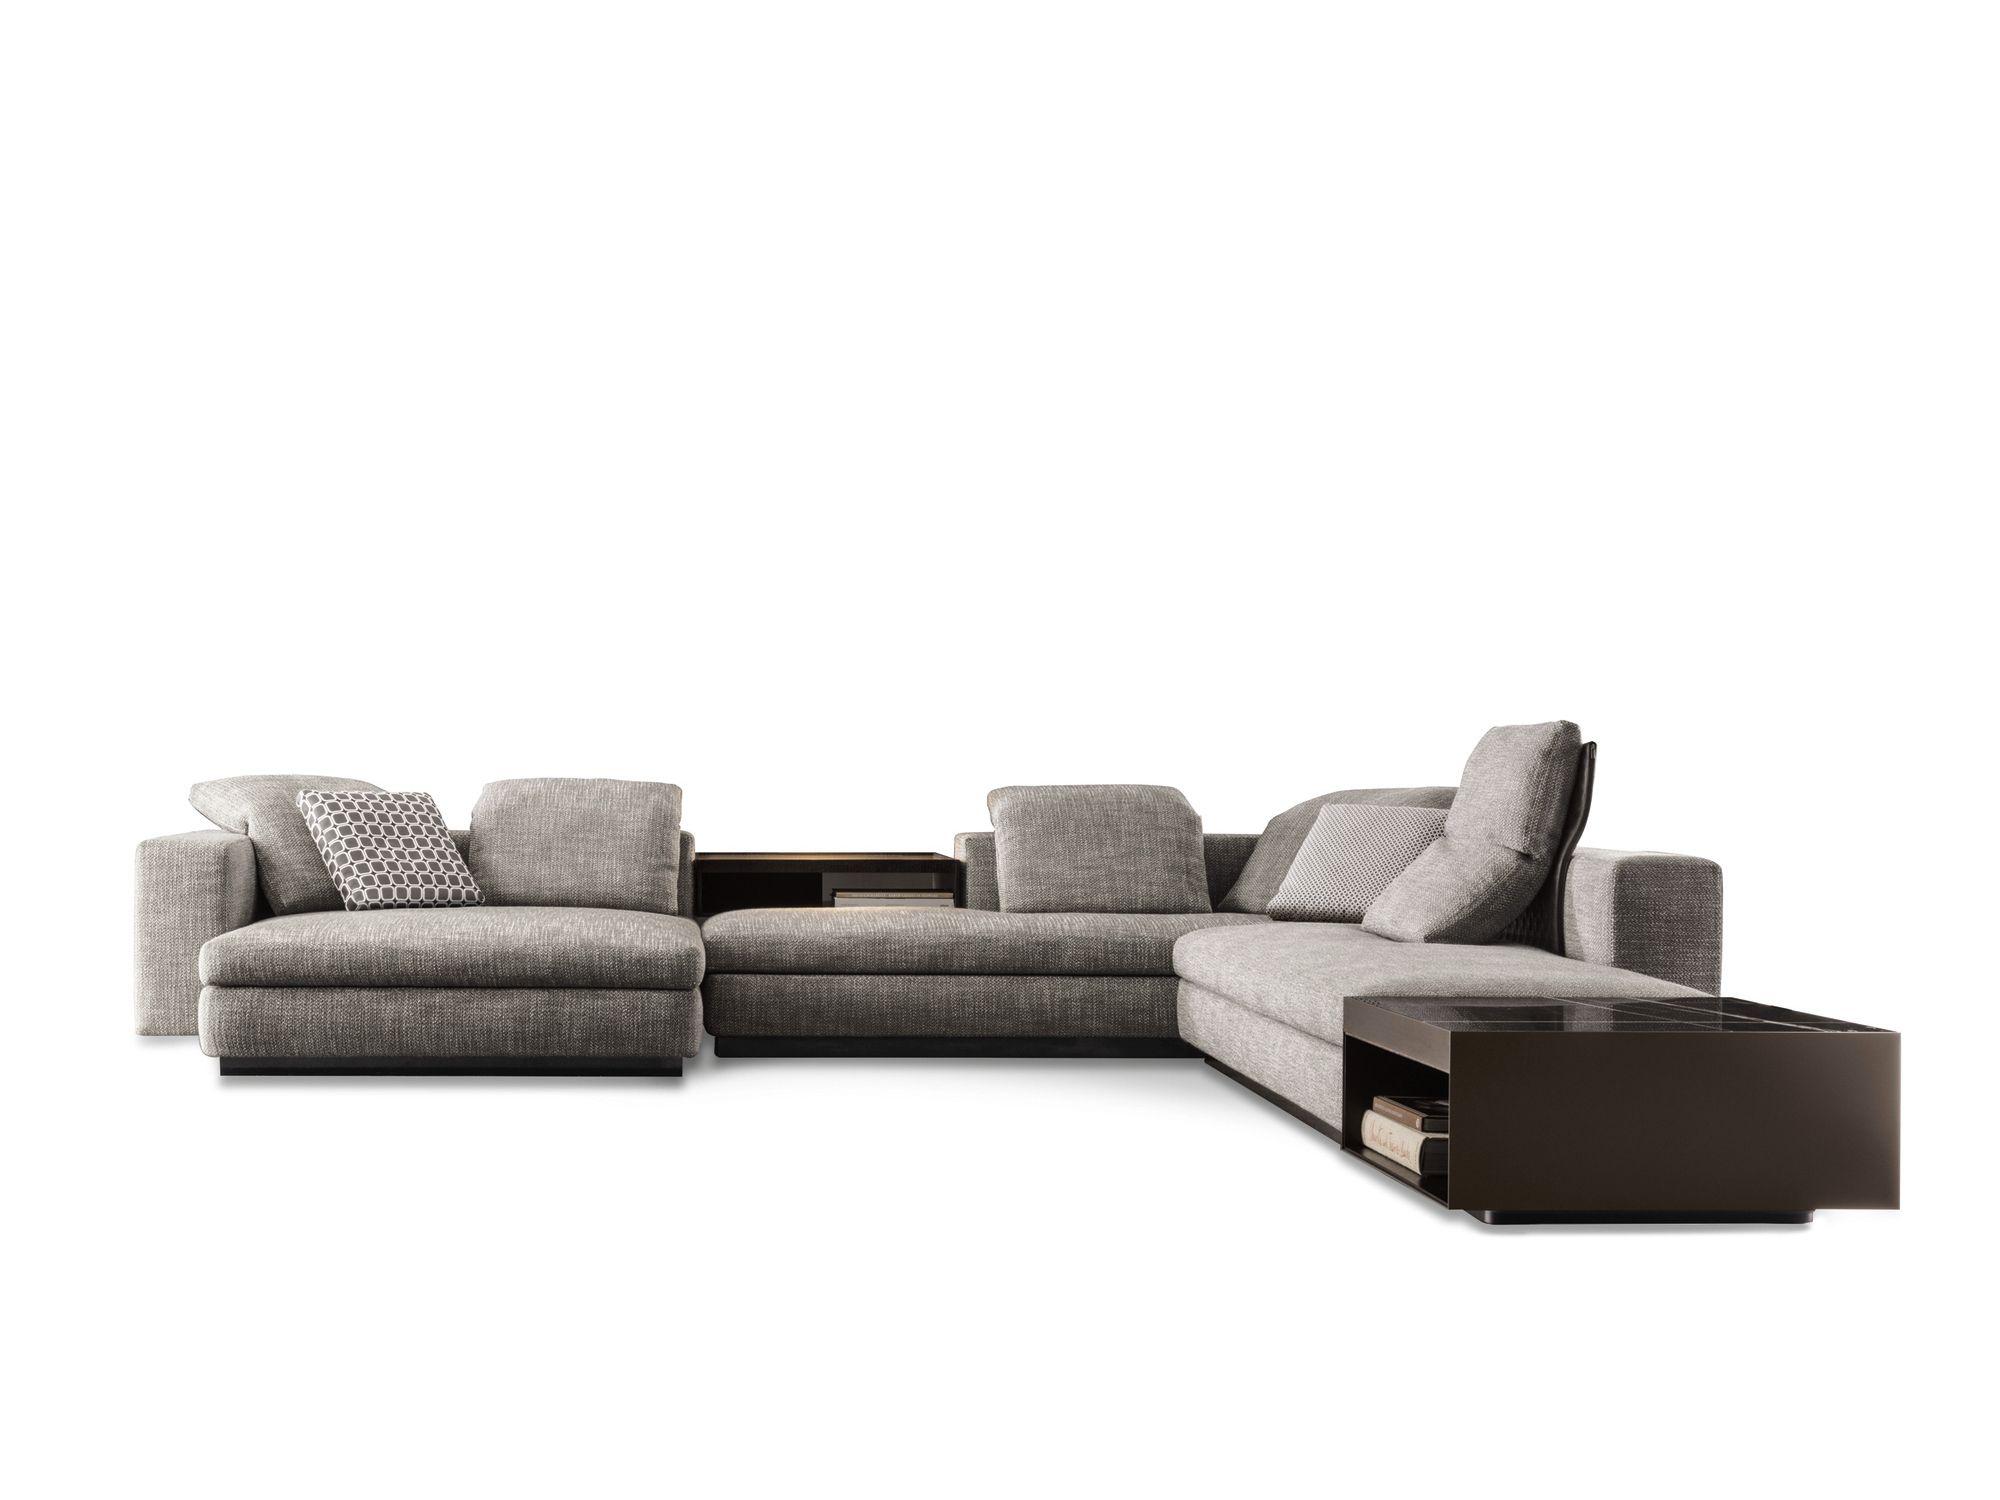 minotti sofa: yang